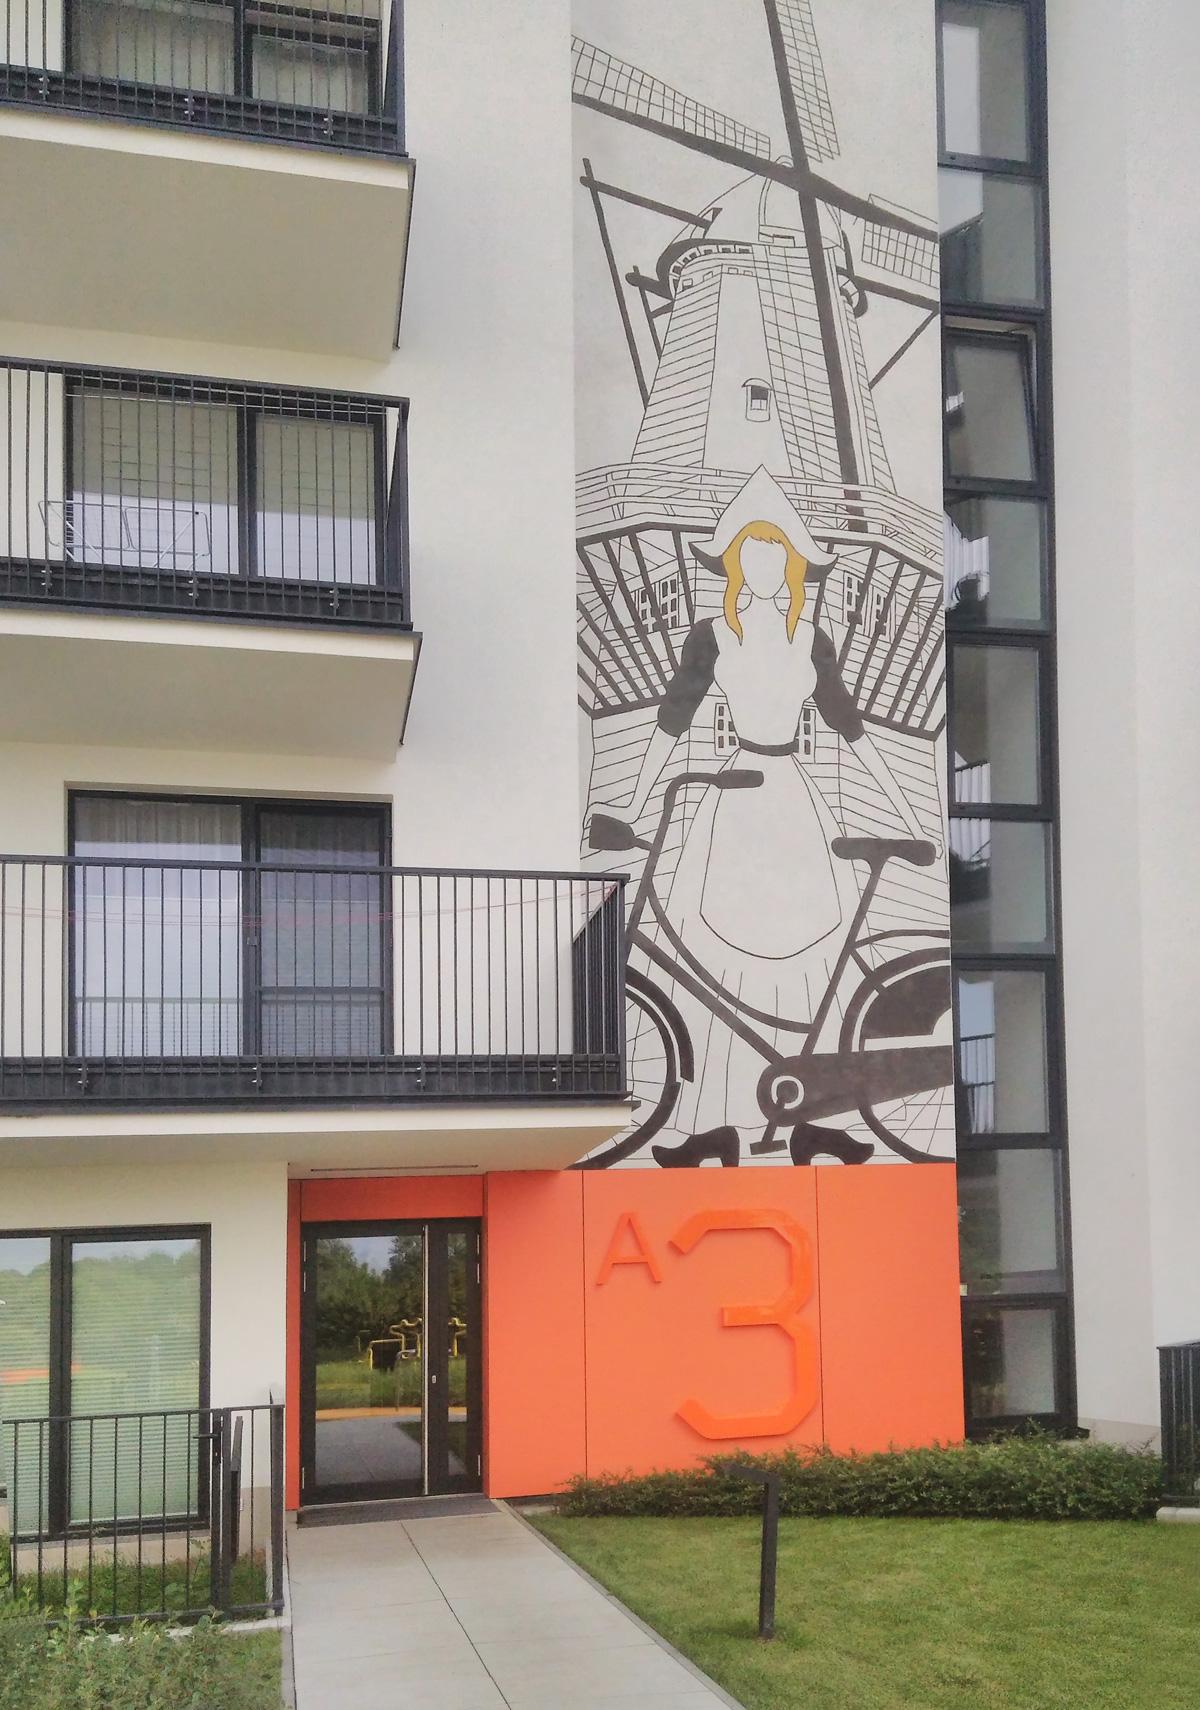 Elewacja budynku, Osiedle Amsterdam, Dom Development